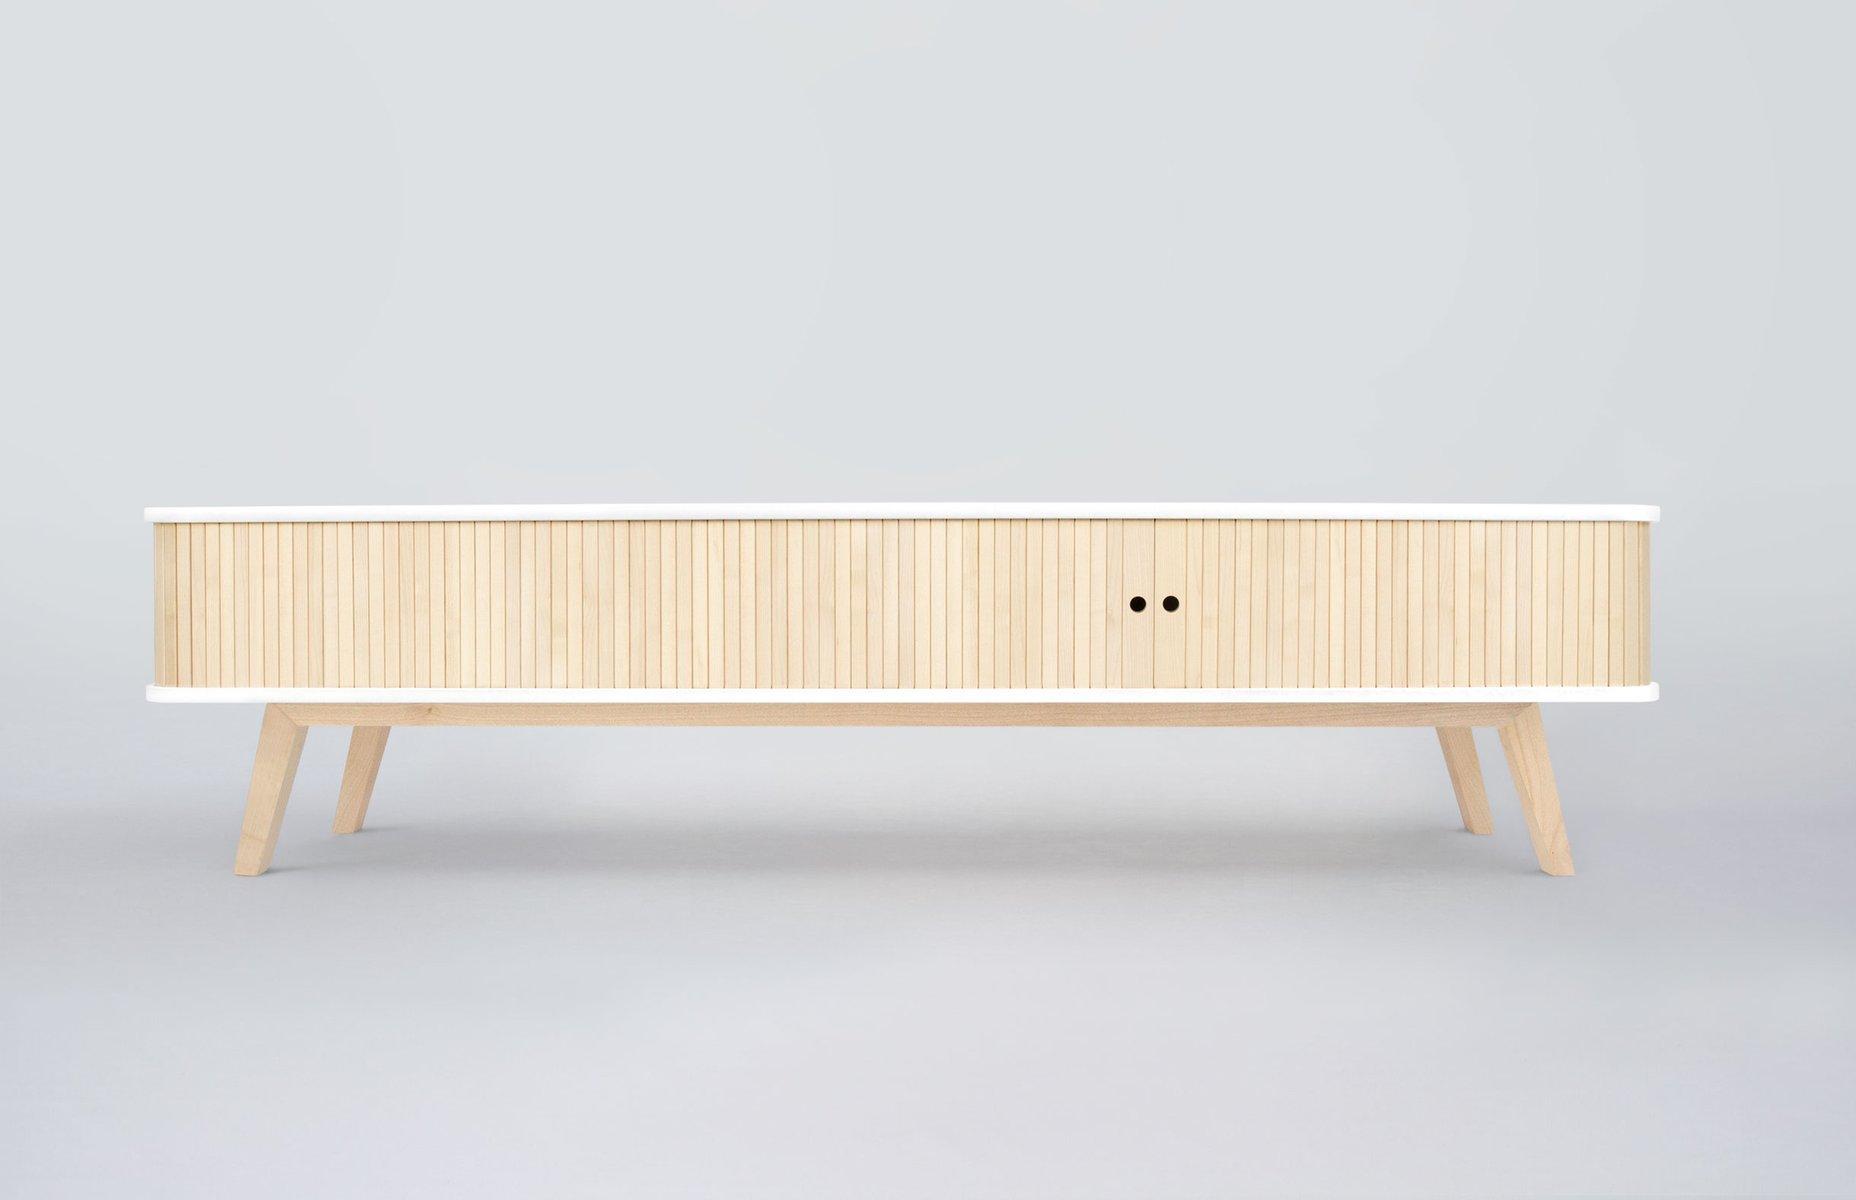 Hk0 5 sideboard von mo ow bei pamono kaufen for Sideboard 4 meter lang